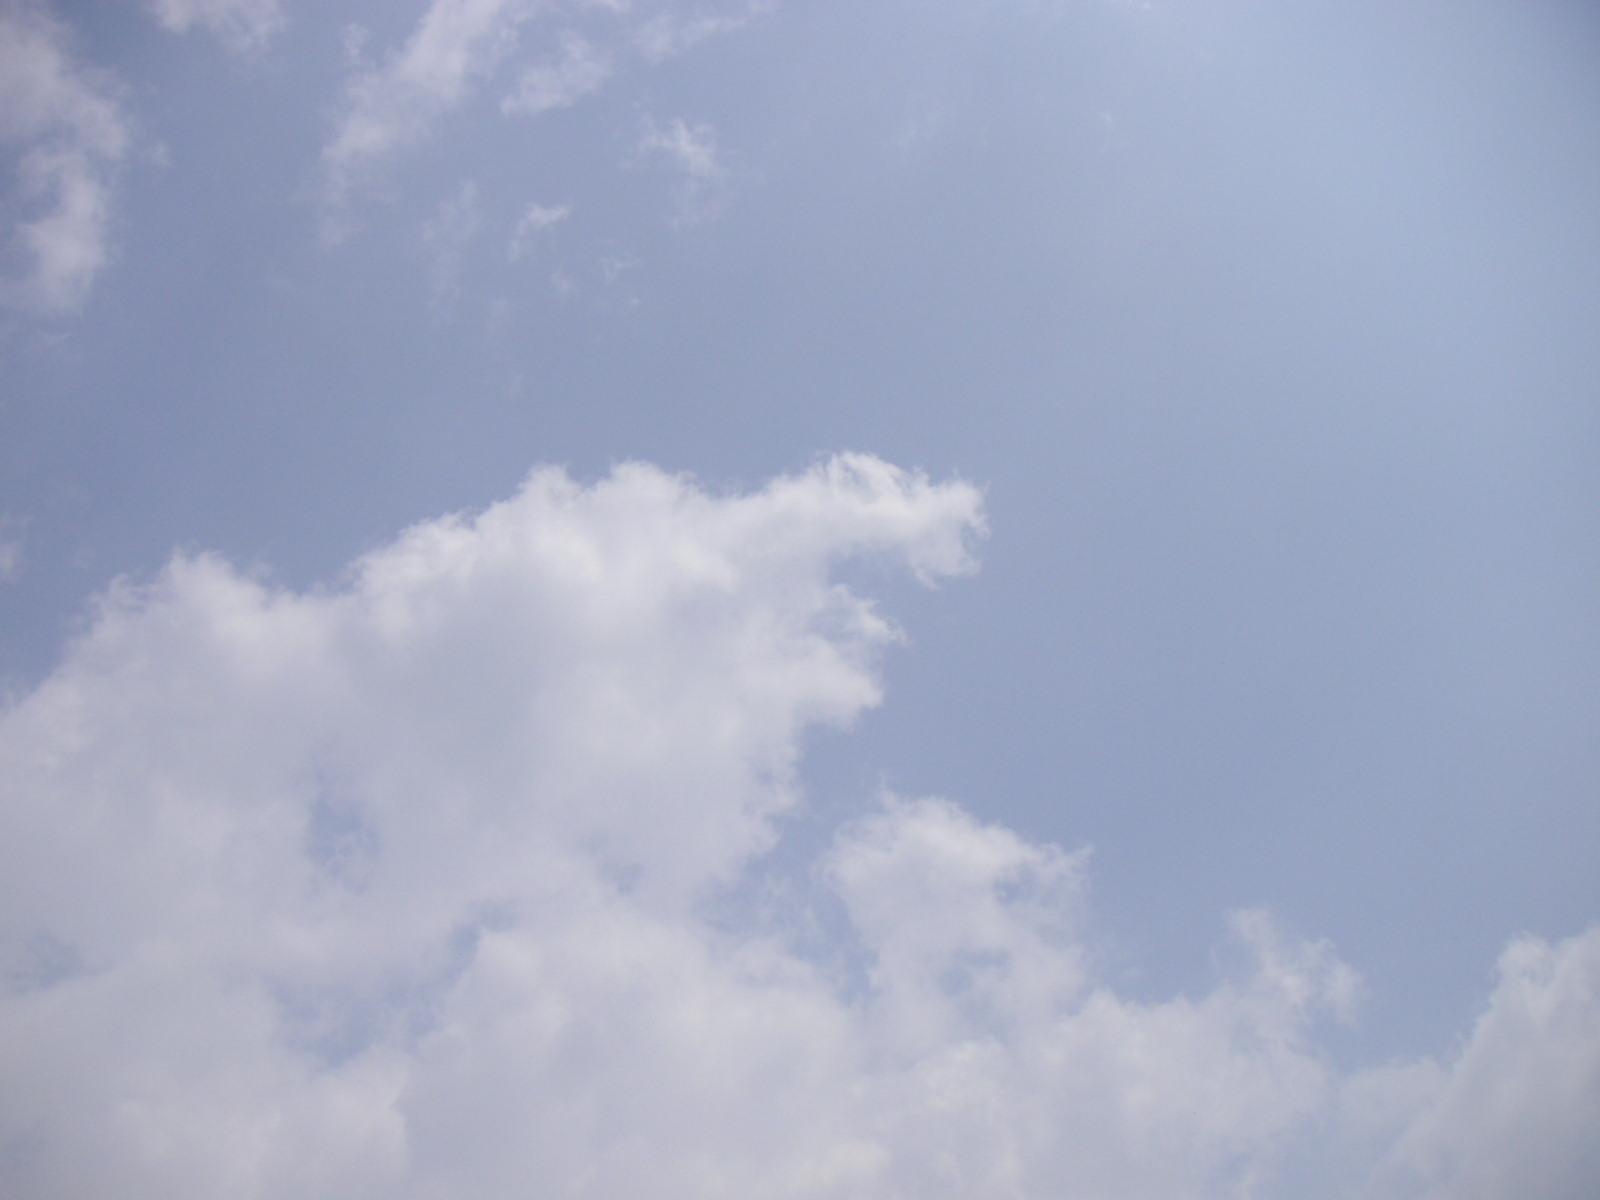 秋津風乃葉~!?_f0146802_17411234.jpg